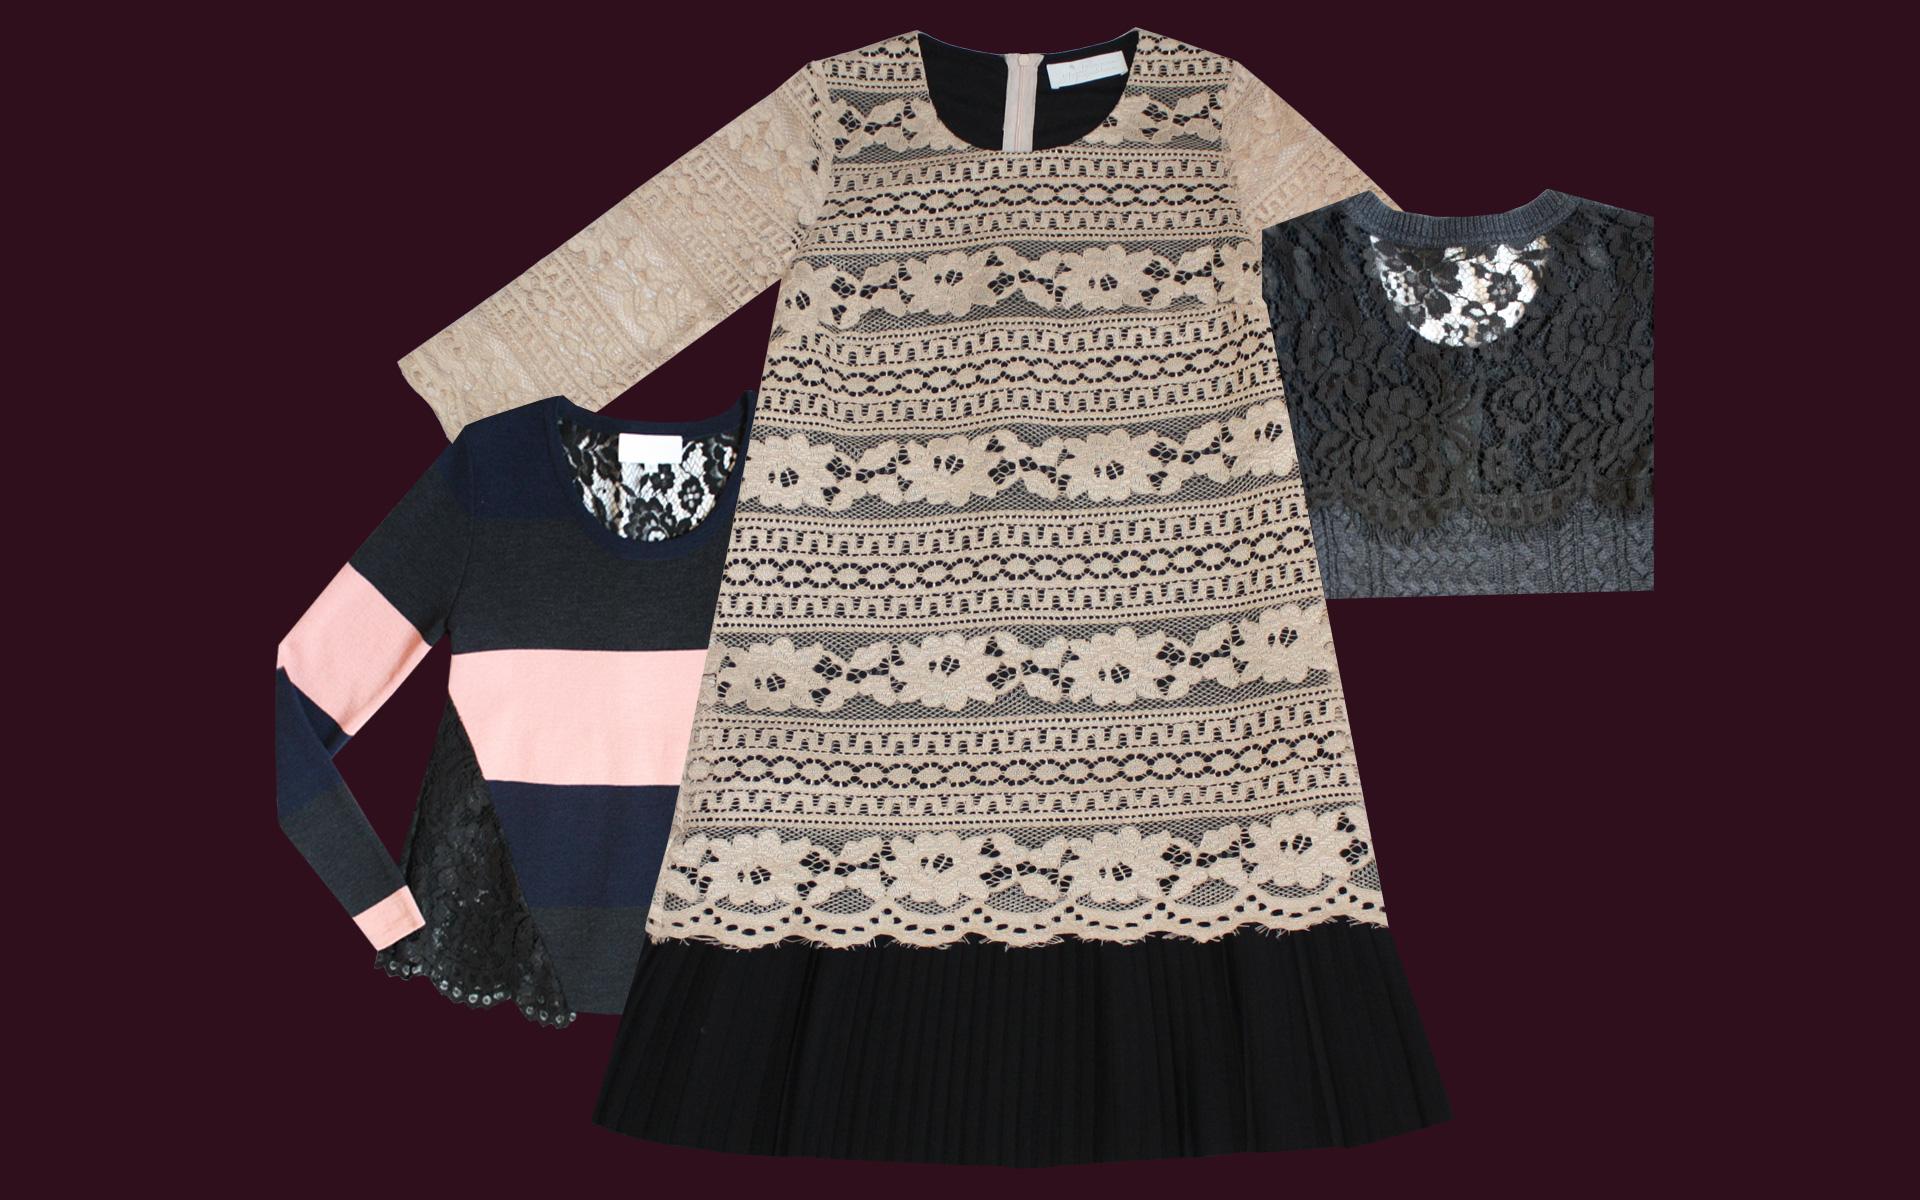 Collezione Autunno Inverno 2016/17: Articolo Sarinda girocollo - Articolo Gimbri abito 2 - Articolo Sarinda cardigan